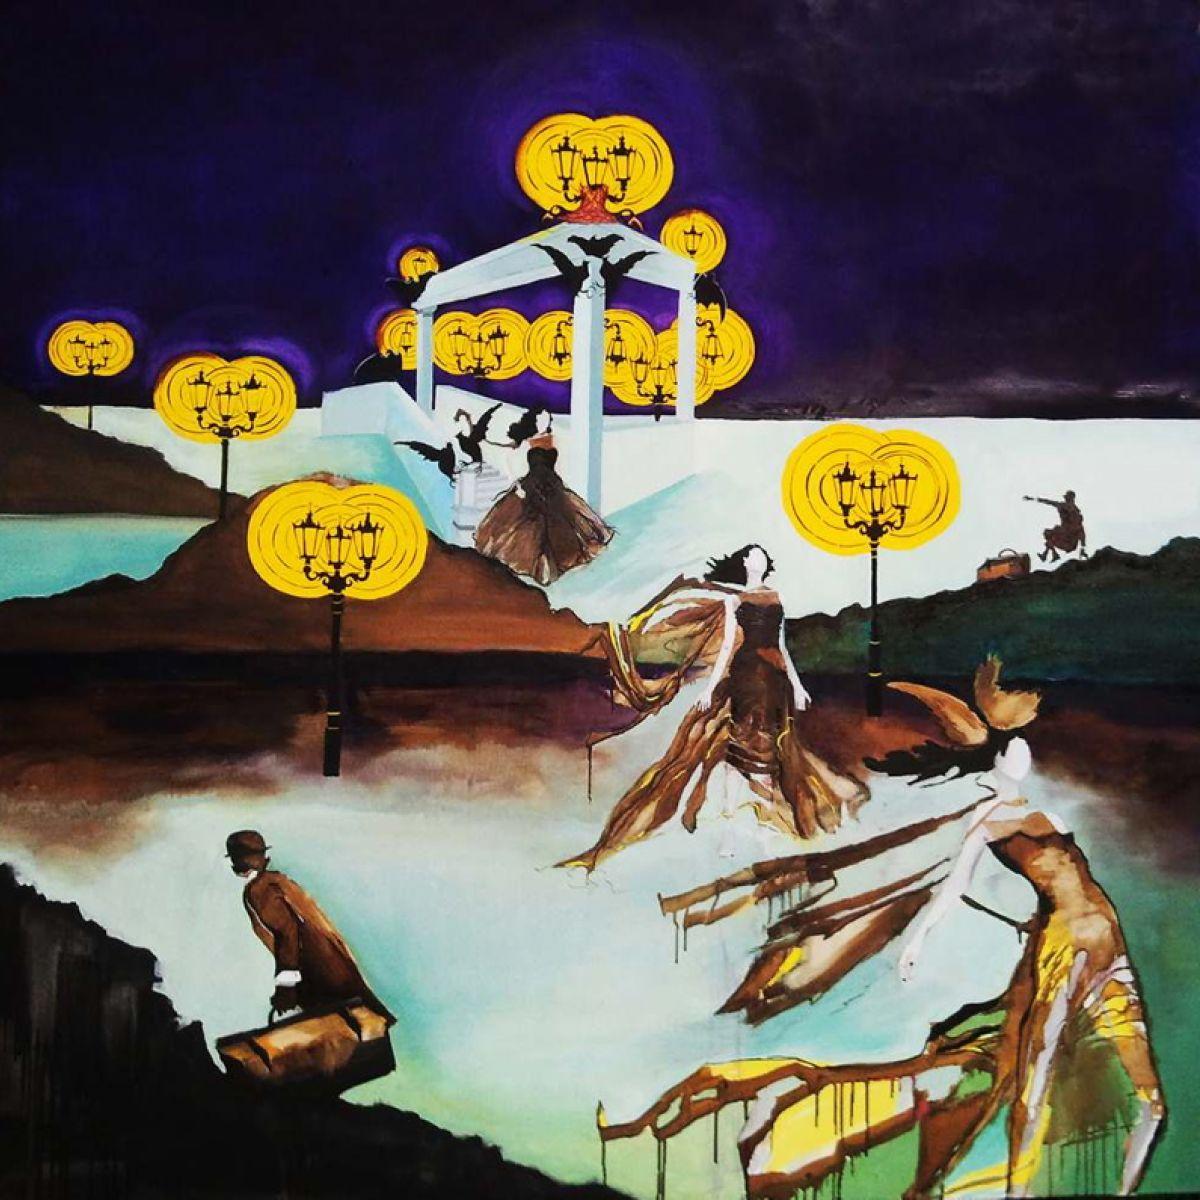 Pod patronatem Gallerystore: Zapraszamy na wystawe malarstwa Olgi Langowskiej ''POD NIEBEM OBŁĄKANEGO BOGA''